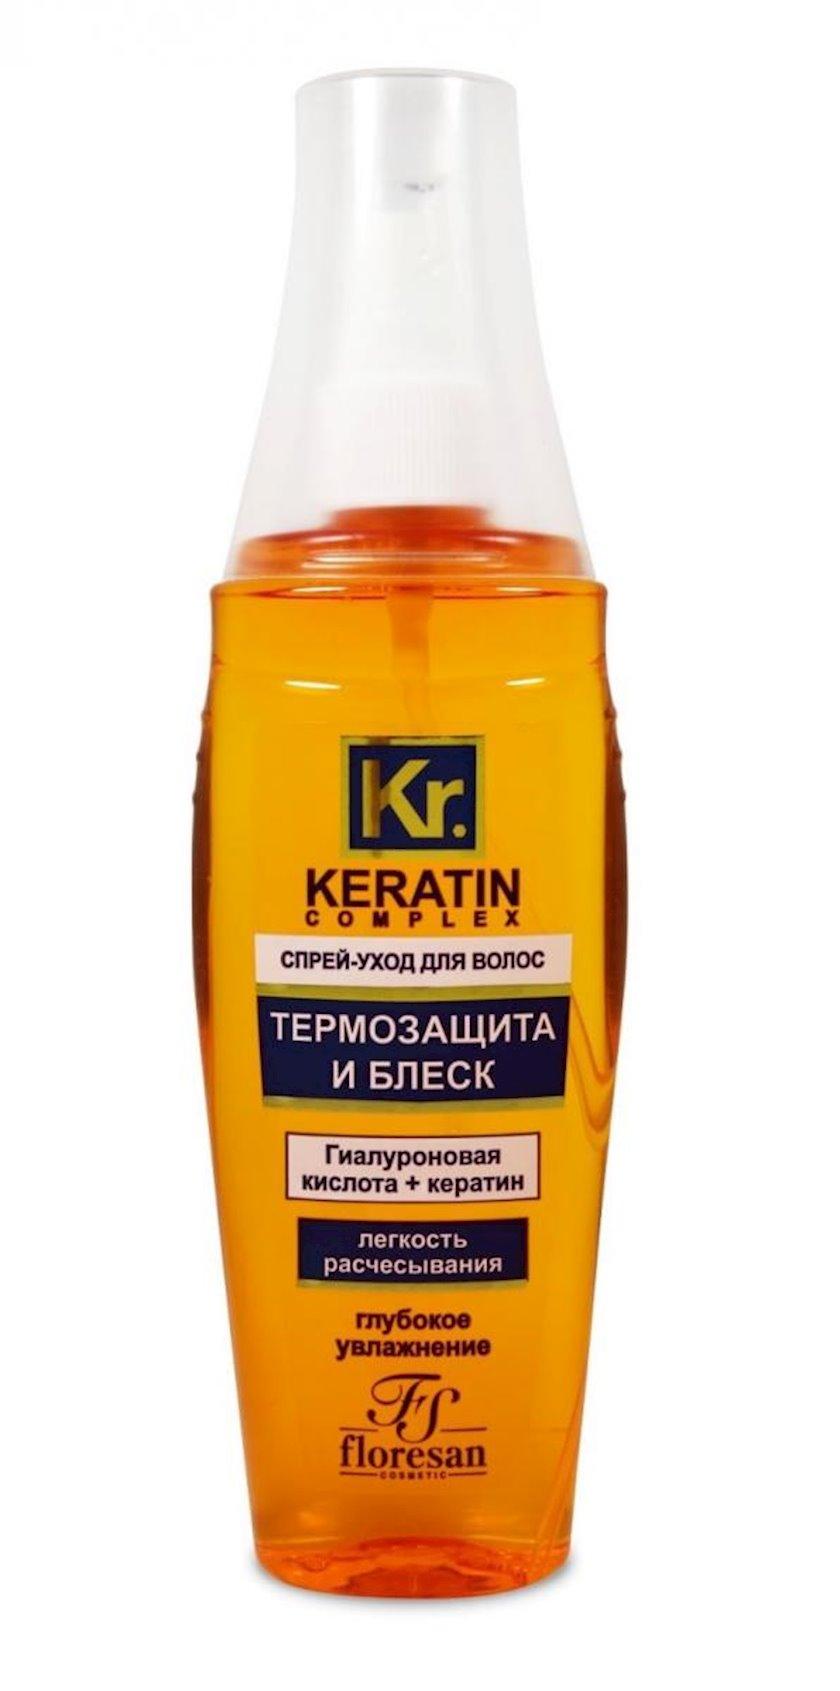 Saç qulluğu üçün sprey Флоресан Keratin Complex Termoqoruma və Parıltı 135 ml